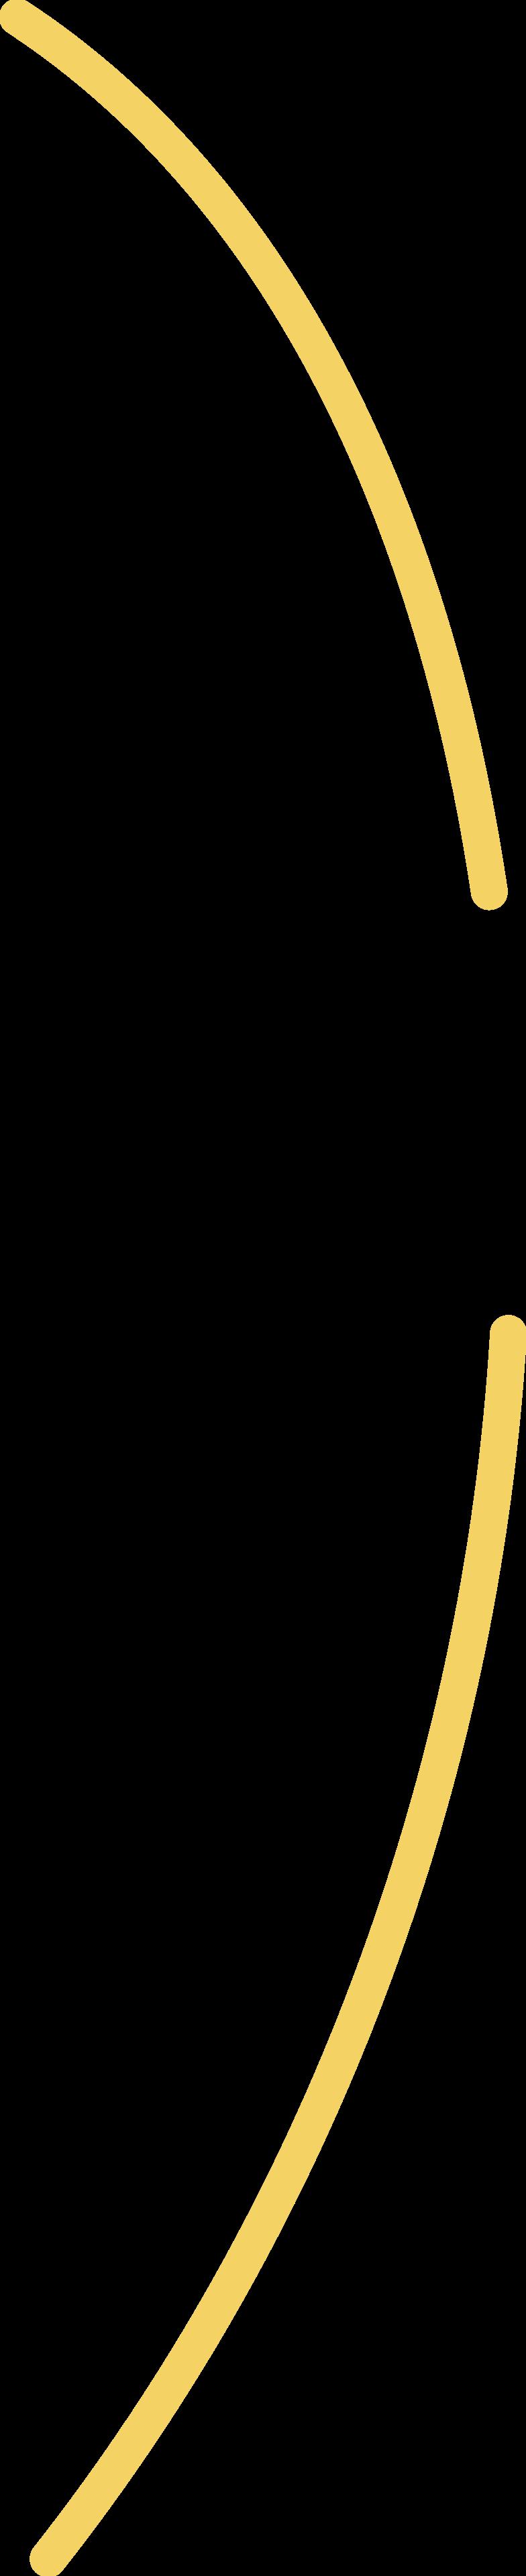 Иллюстрация желтые линии в стиле  в PNG и SVG | Icons8 Иллюстрации